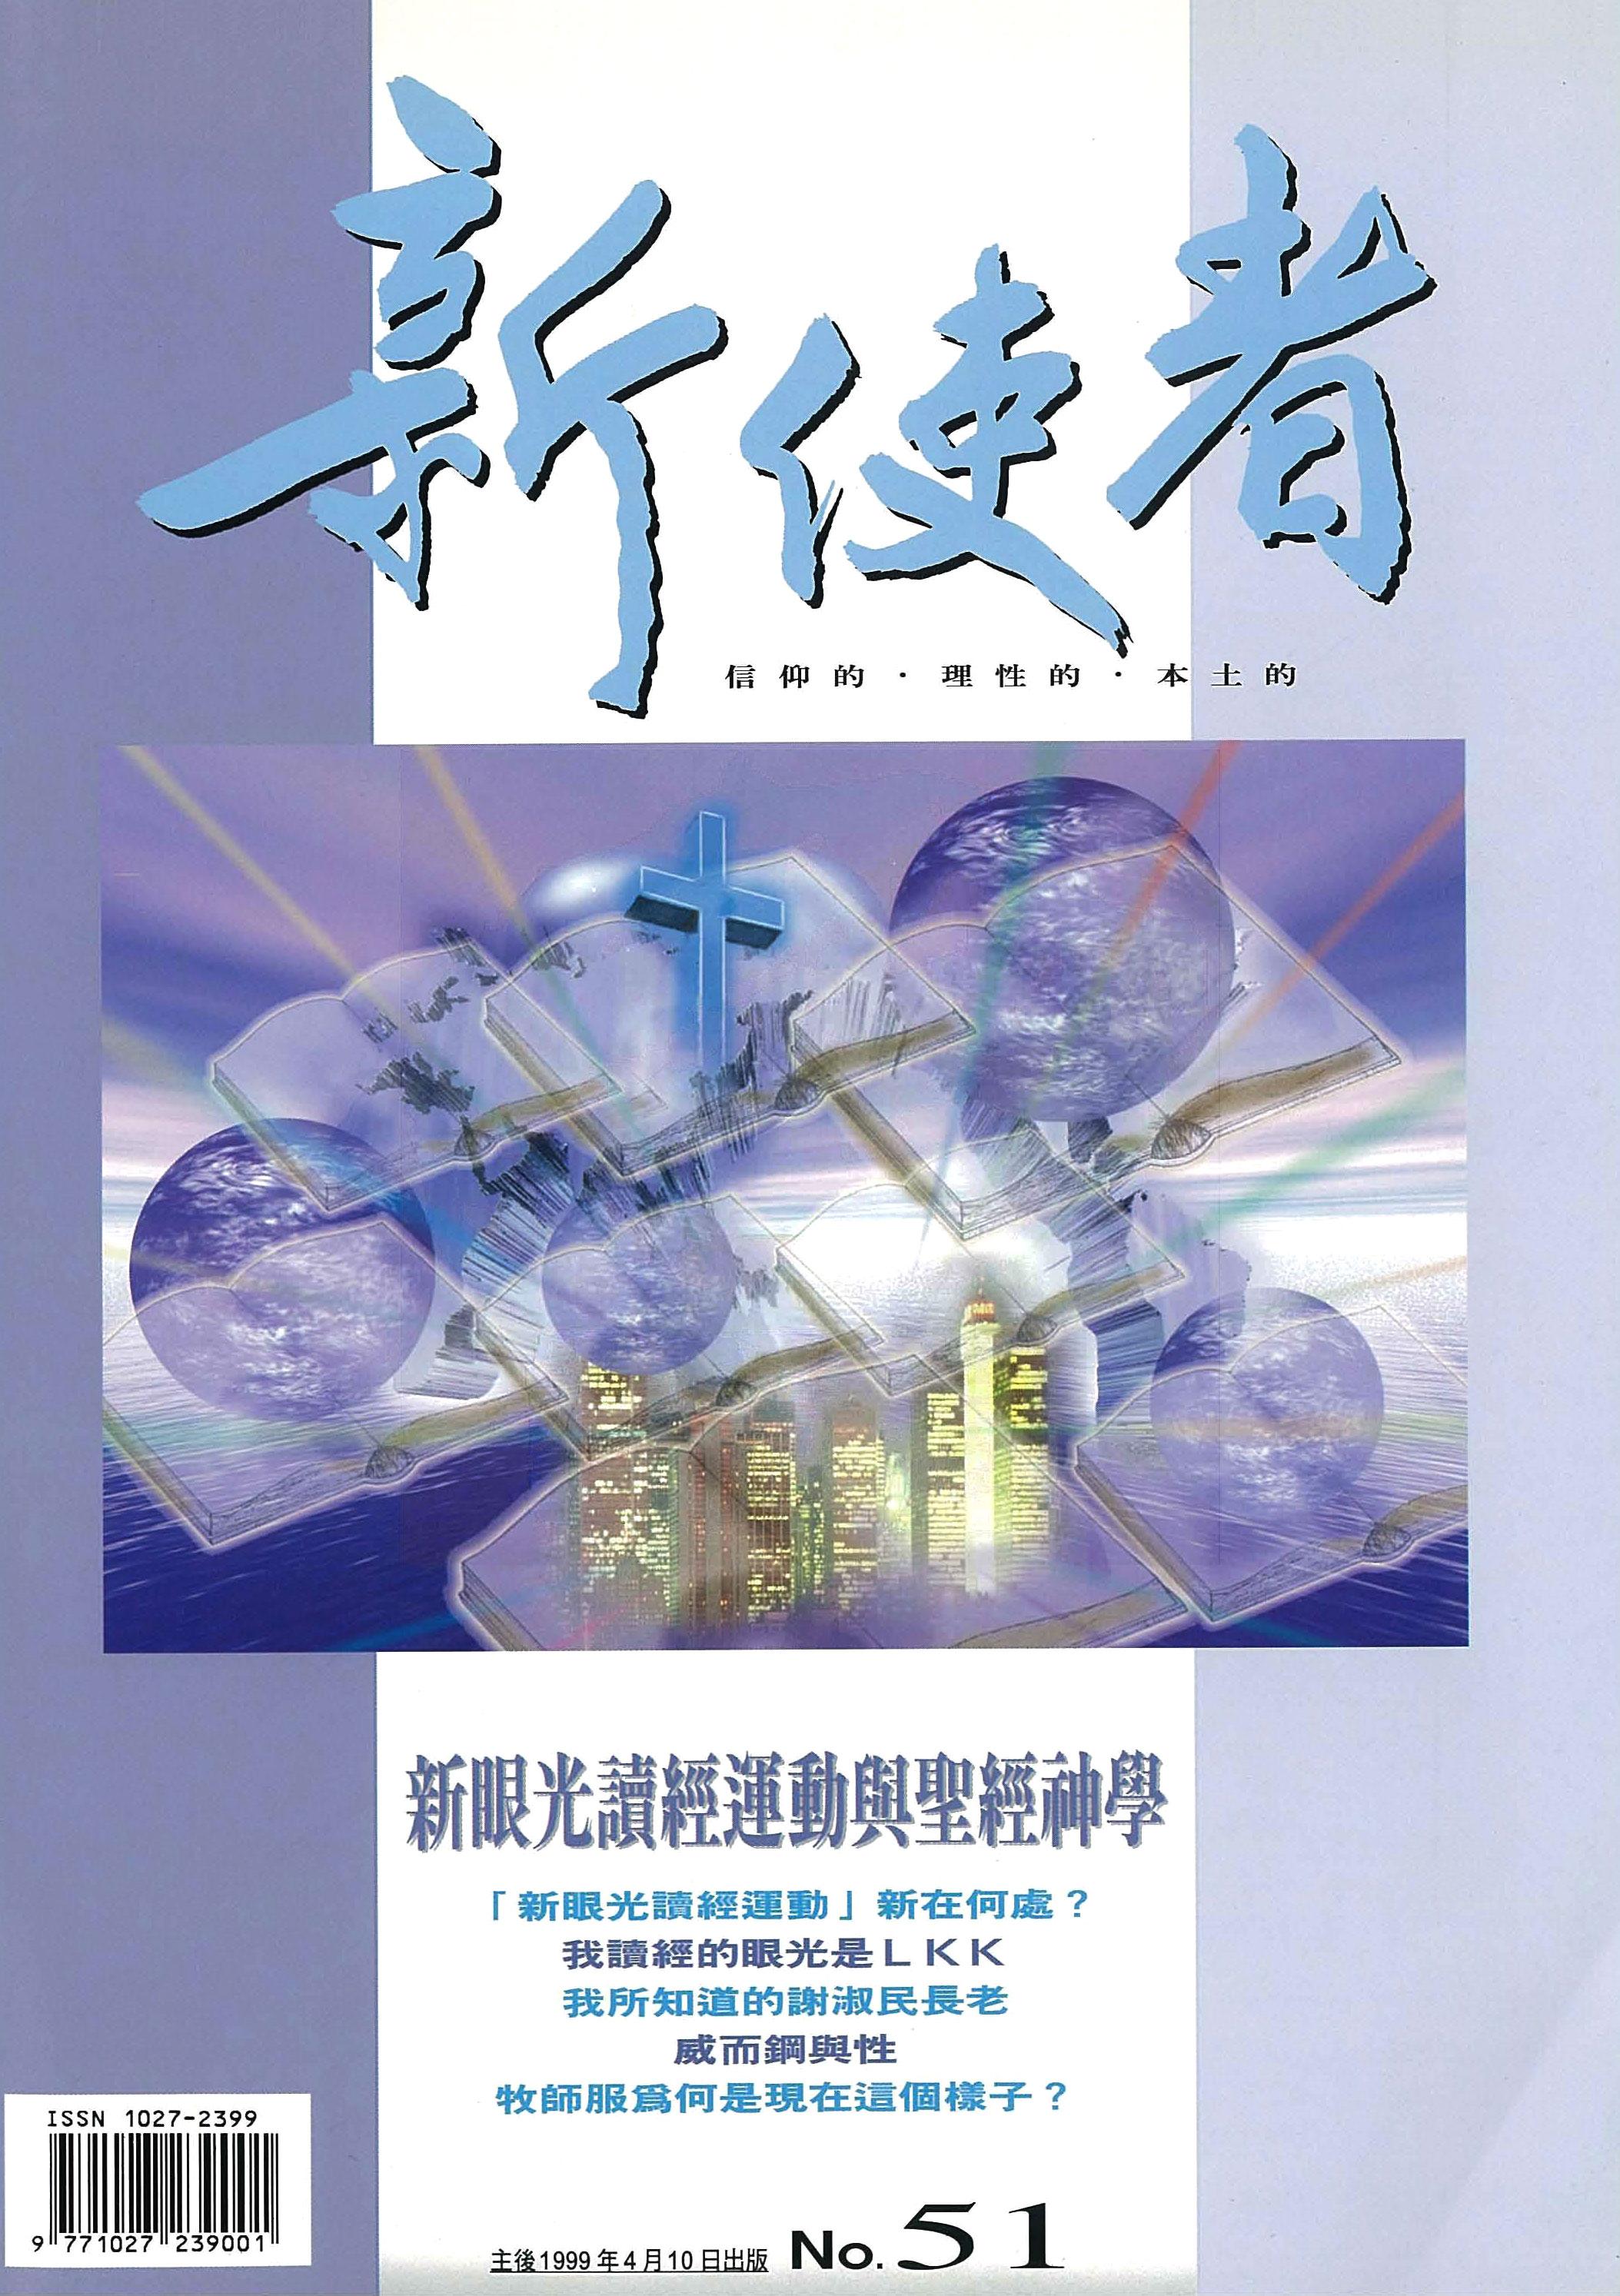 新使者雜誌 The New Messenger  51期  1999年  4月 新眼光讀經運動與聖經神學